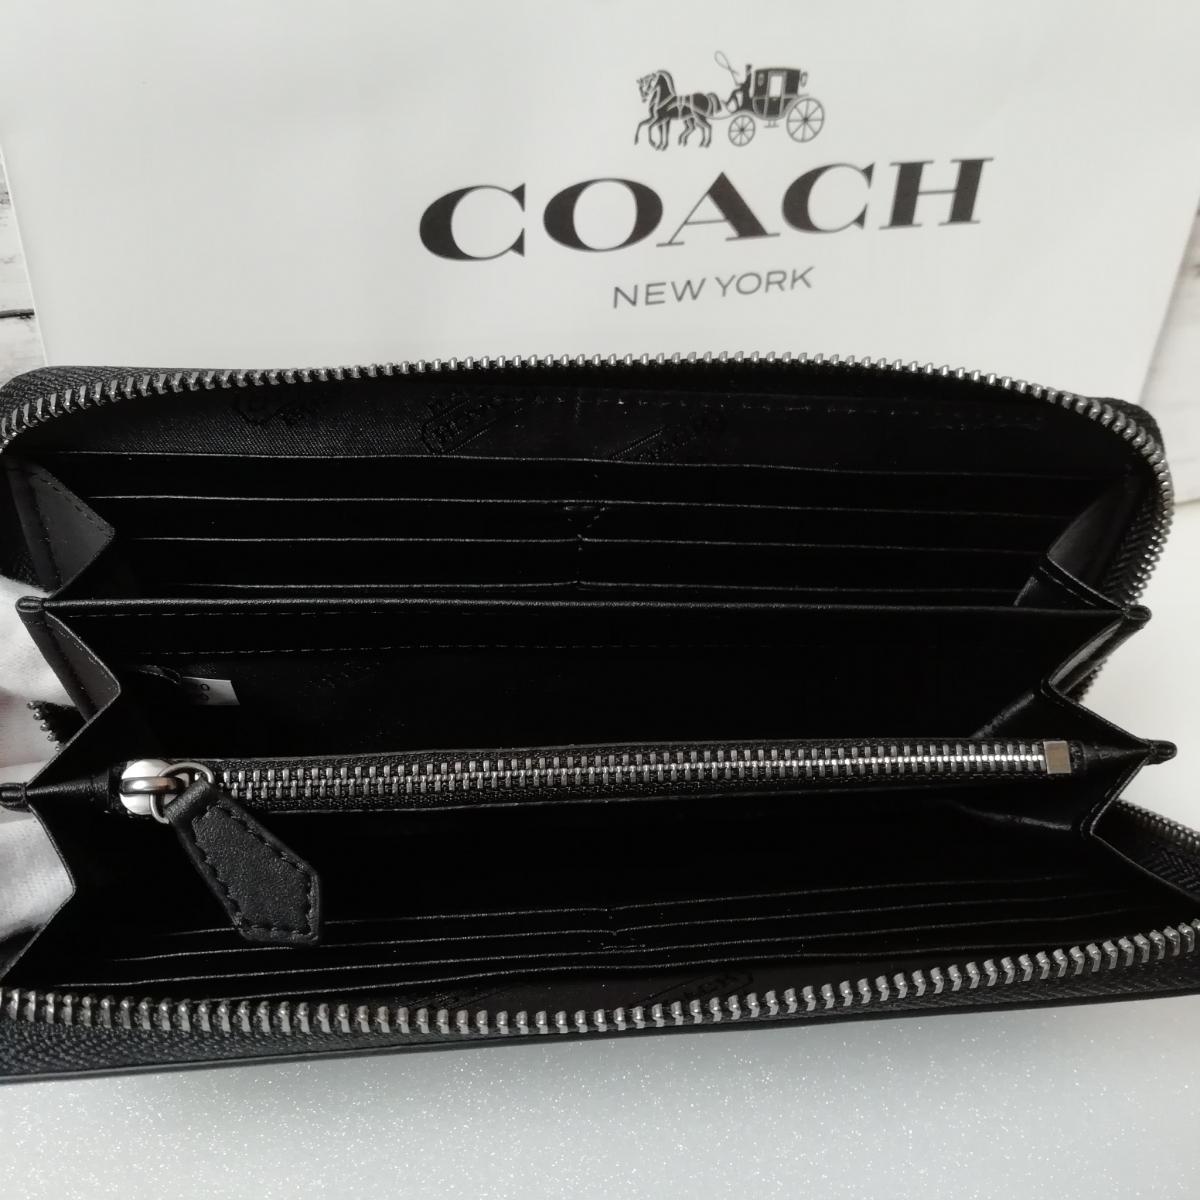 401cf2359caa ... コーチ COACH 長財布 新品 F75000 シグネチャー PVC × レザー アコーディオン ジップ アラウンド チャコールグレー /  ブラック